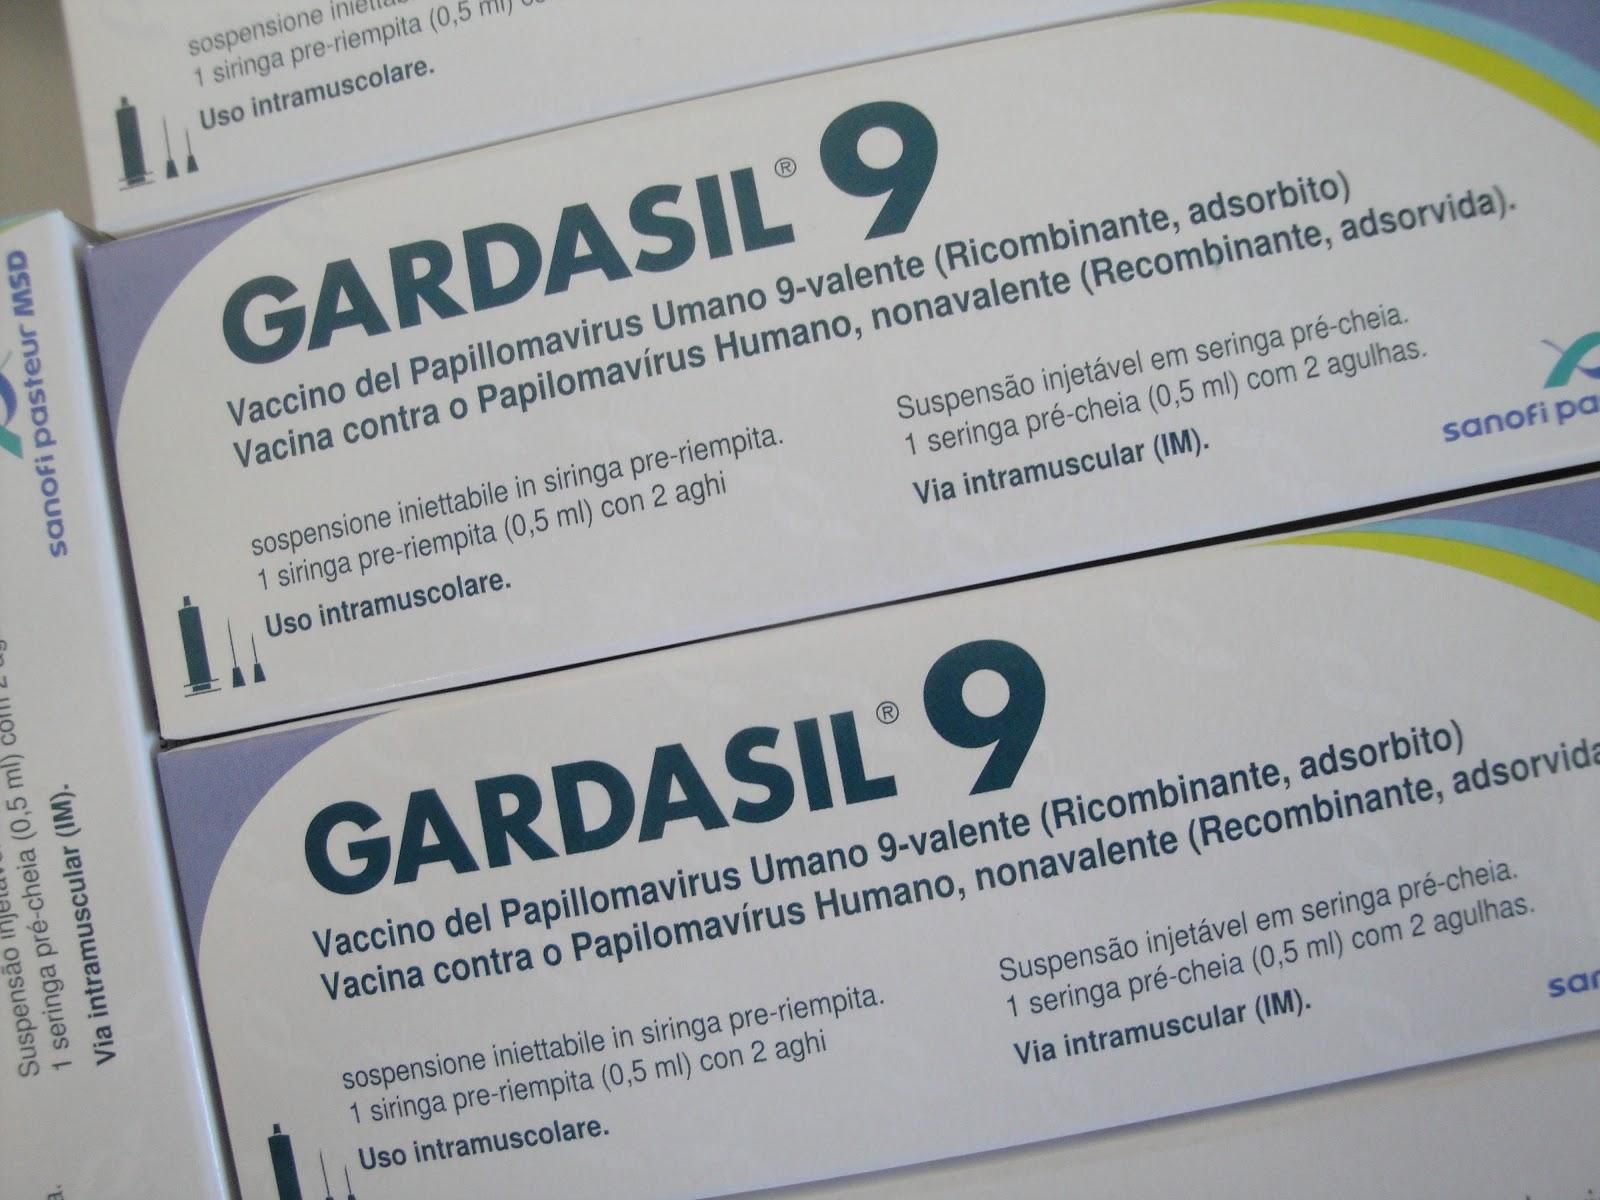 hpv vakcina gardasil 9 pris